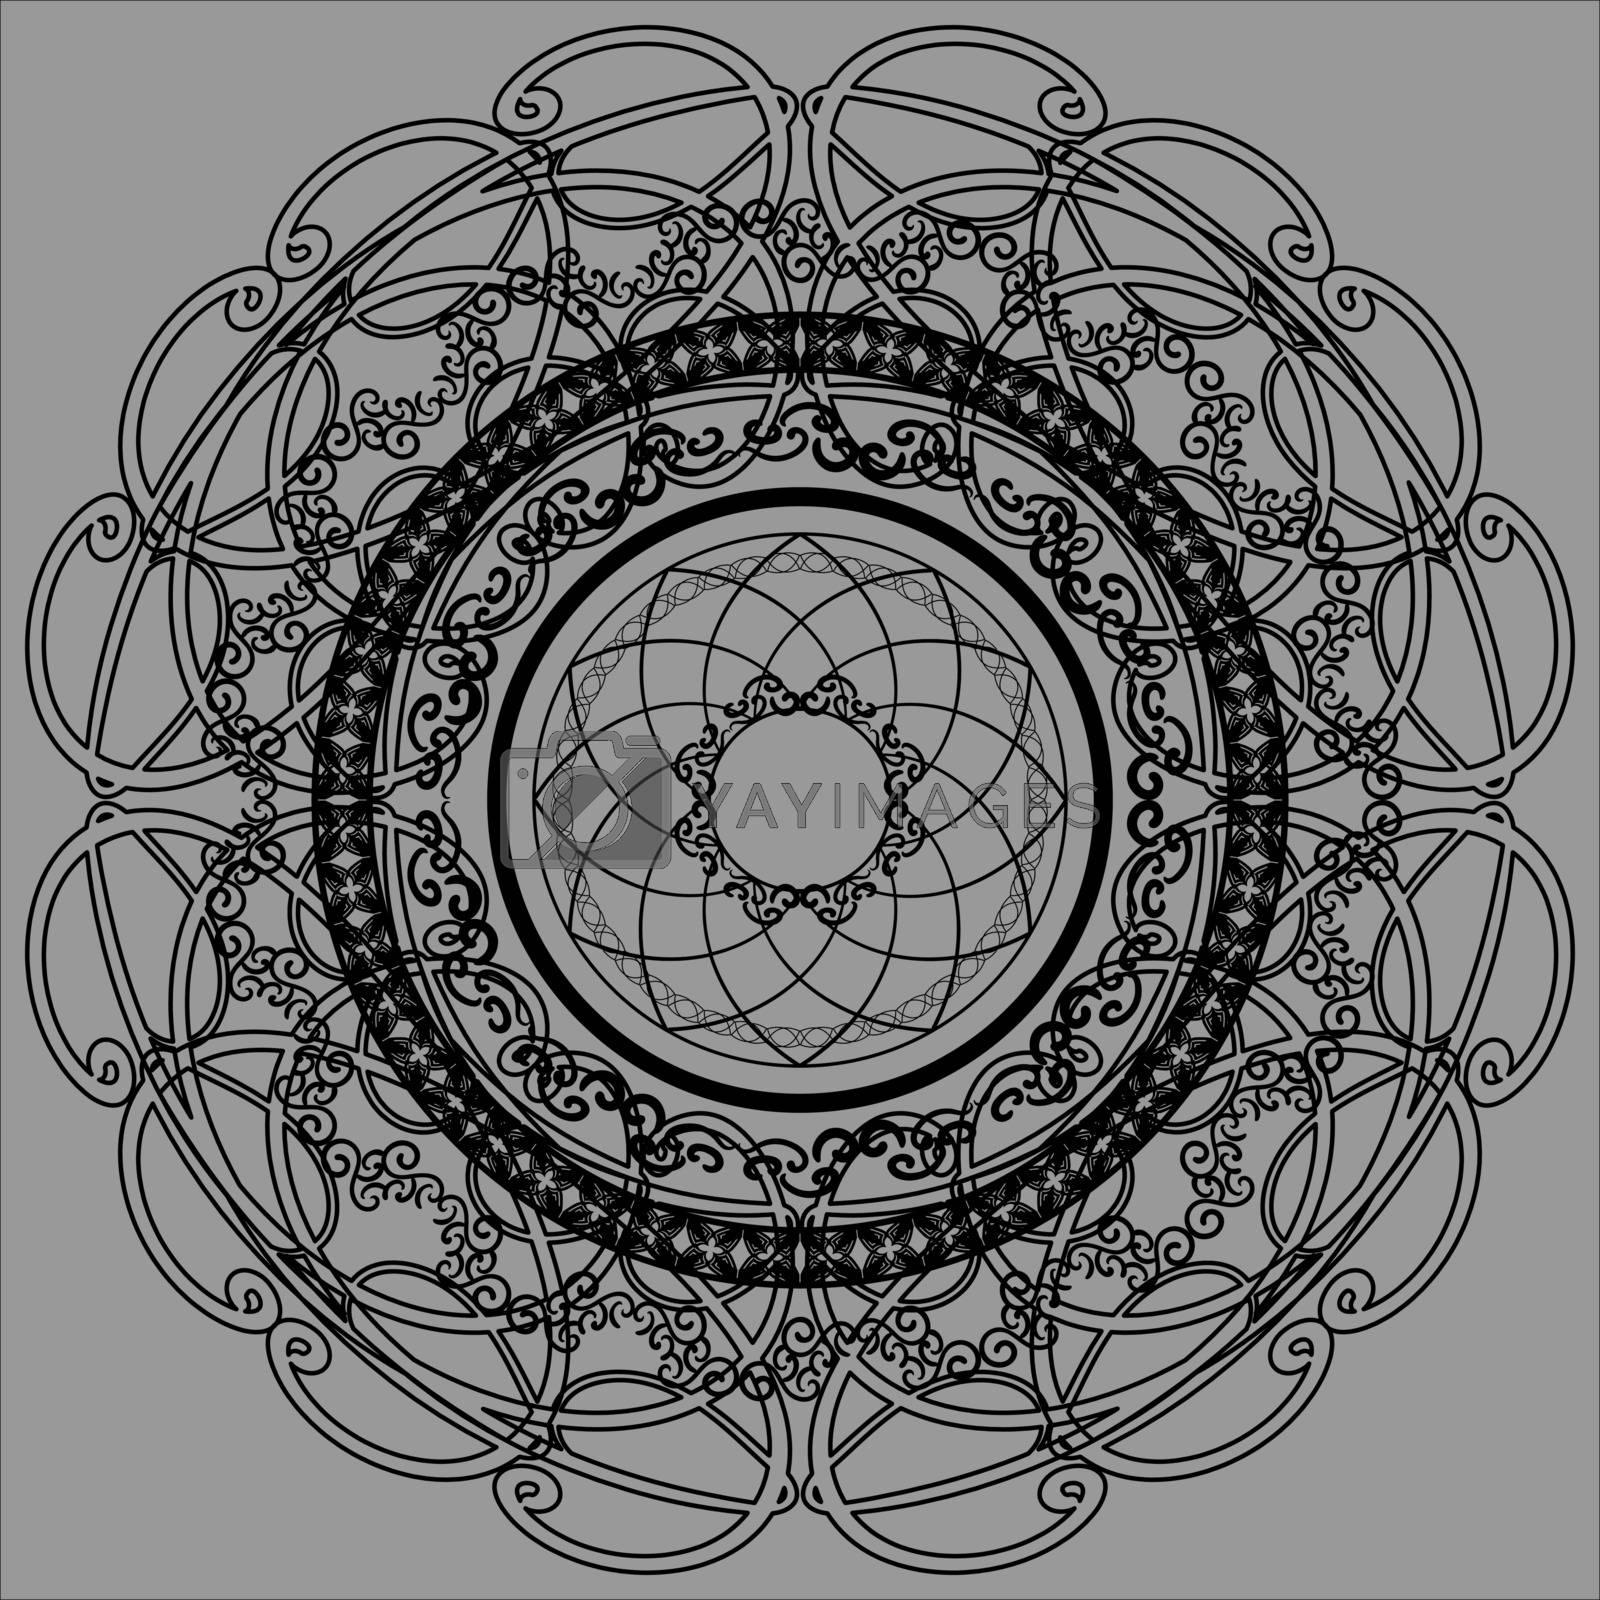 Black lace mandala on grey background by paranoido